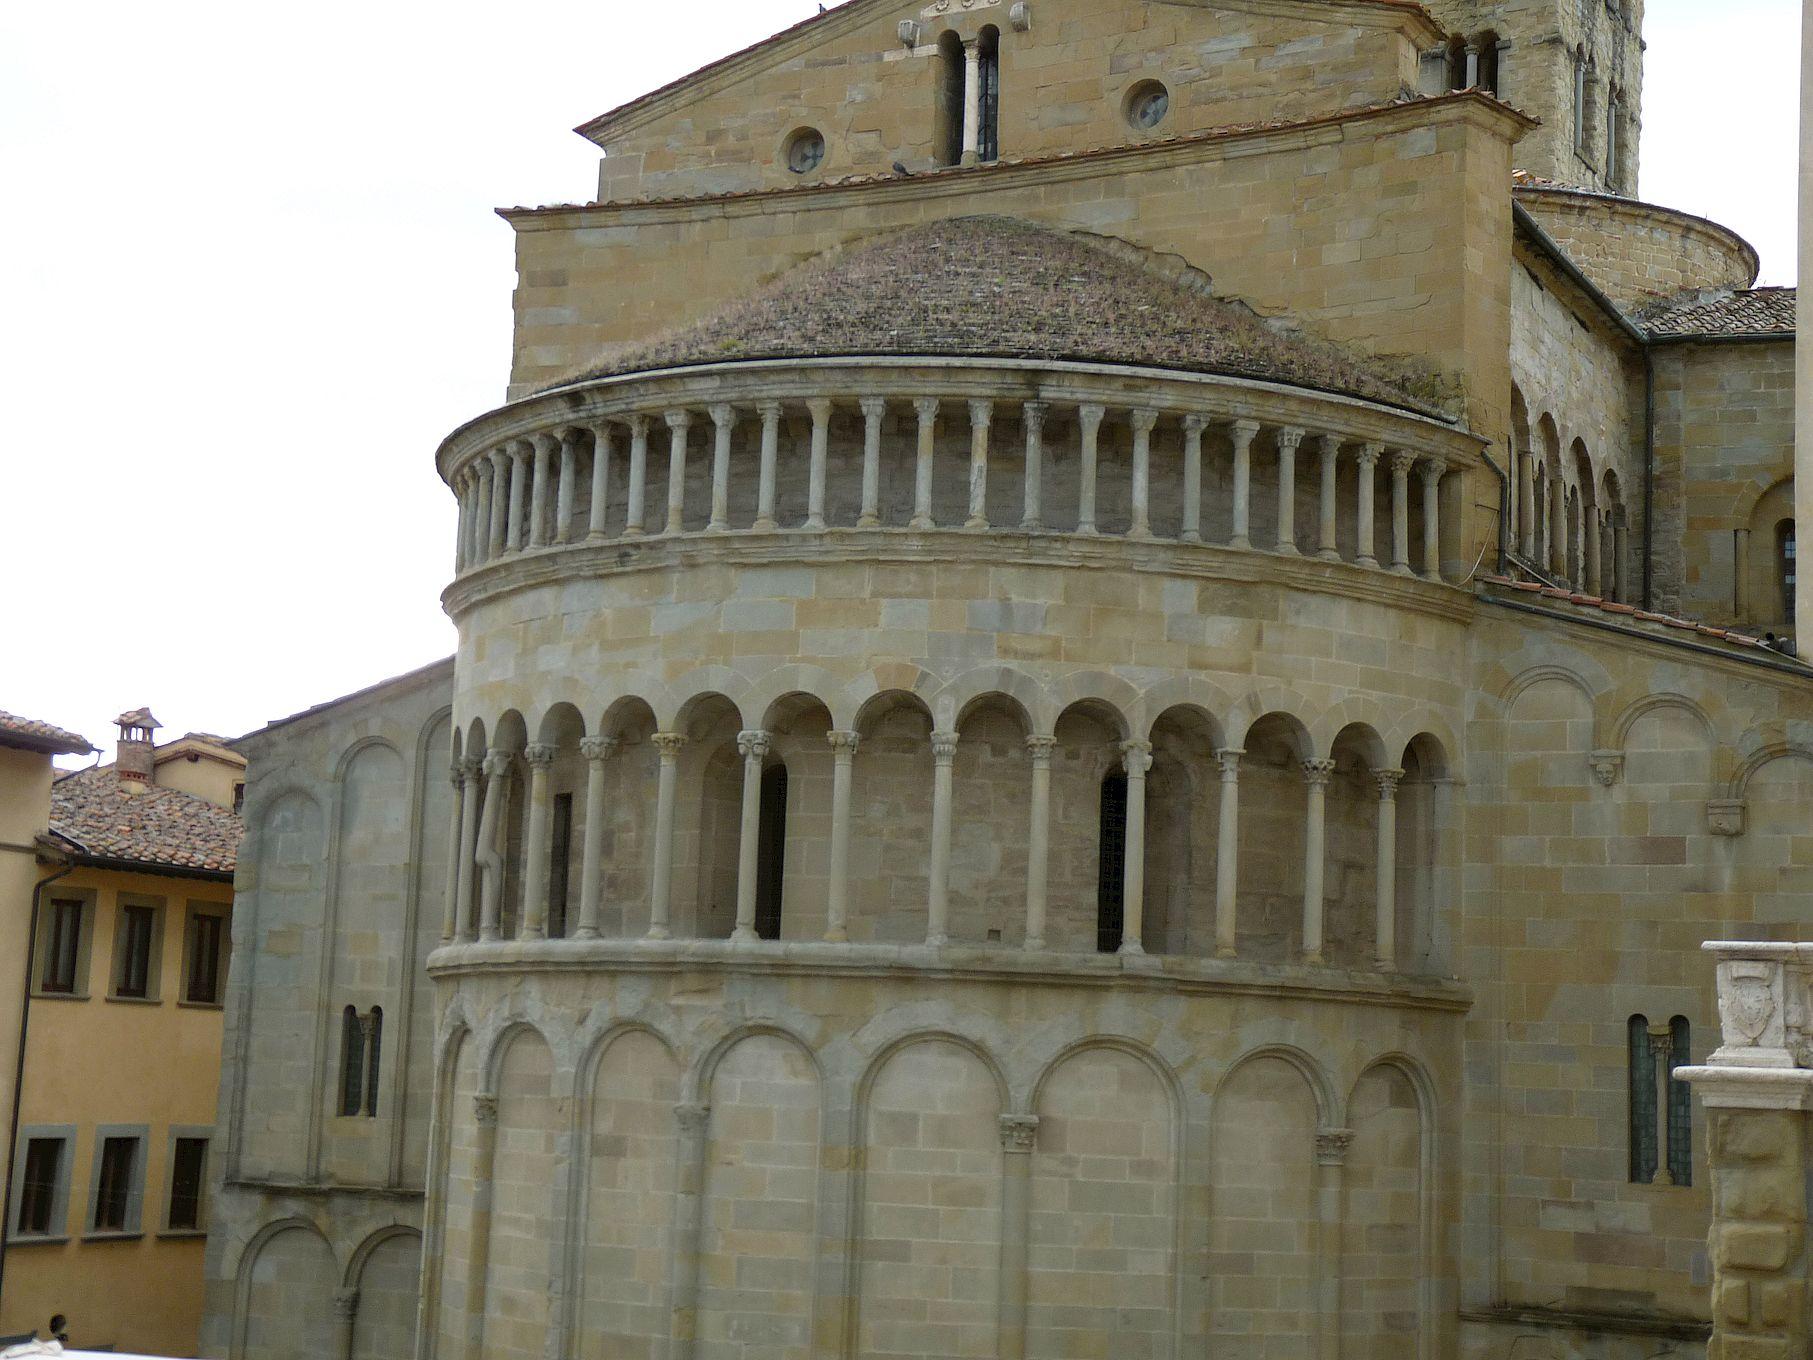 Arezzo, Santa_Maria e Pieve, Chevet depuis la Piazza grande, cliché Jean-François Martine